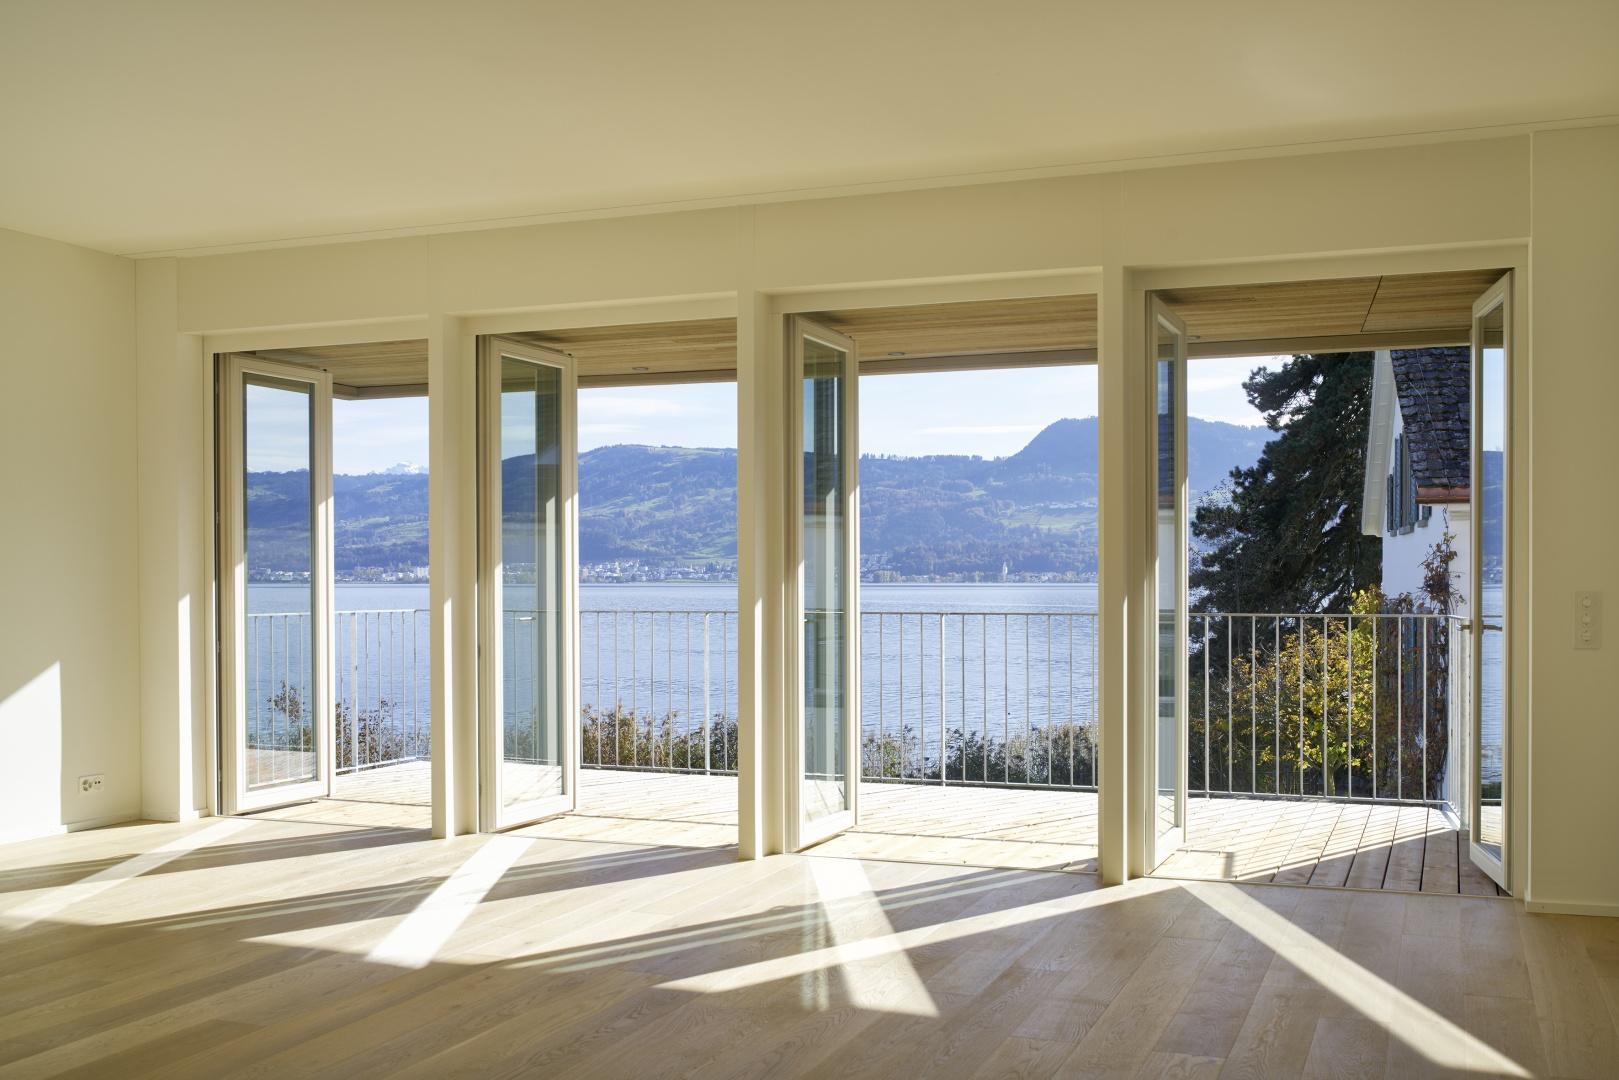 Balkontüren nach Aussen öffnend © Schindler Friede, Foto H. Henz